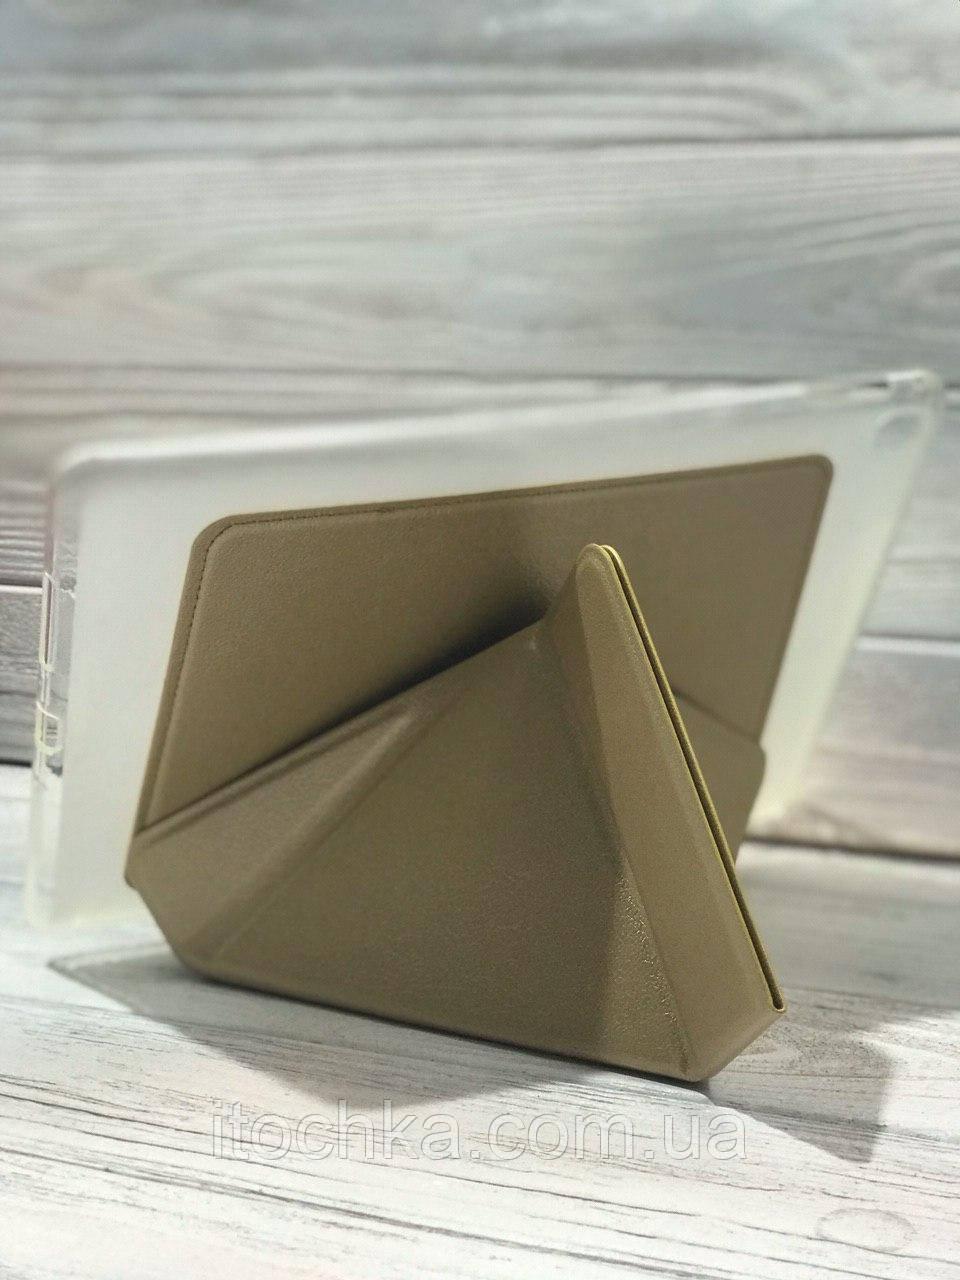 Чехол iMAX для iPad Pro 9.7 Gold